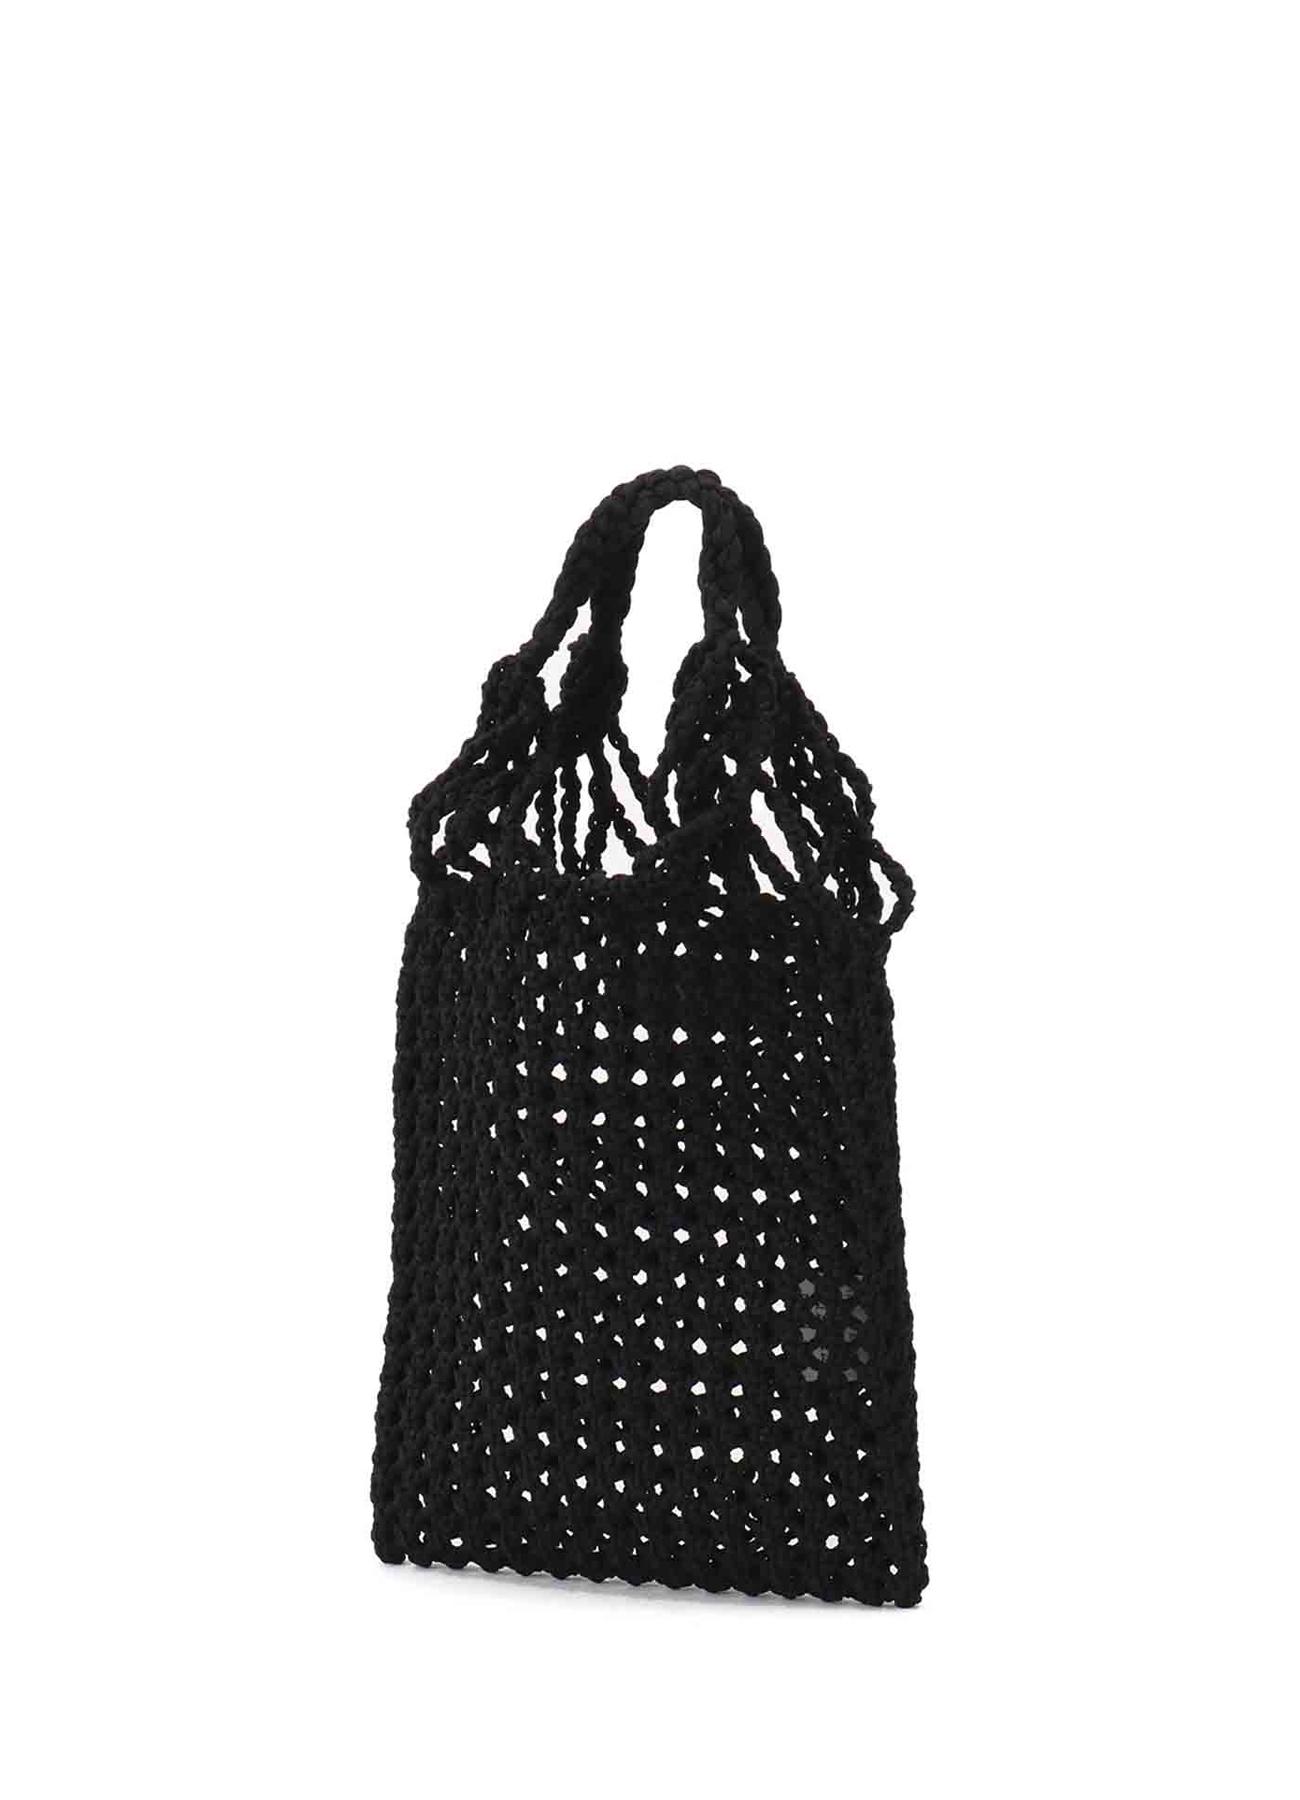 スパークポリエステル ハンドメイド編みハンドバッグ